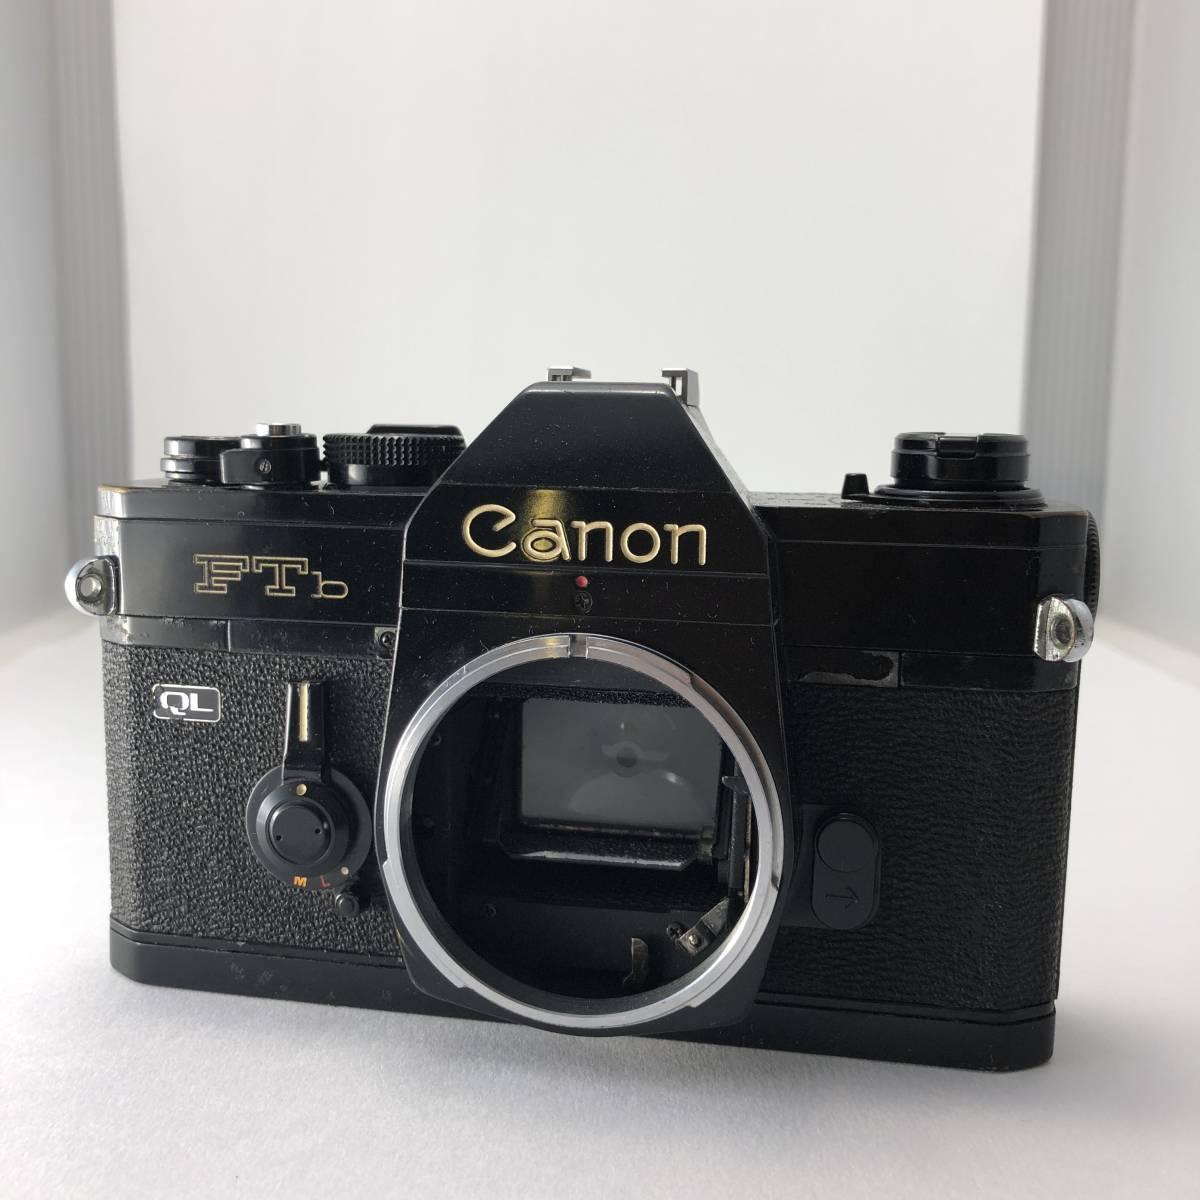 キャノン Canon FTb カメラ FD S.S.C. SSC 50mm 1.4 / FD S.S.C. SSC 24mm 2.8 / FD 35-105mm 3.5 レンズ セット no.A1_画像2